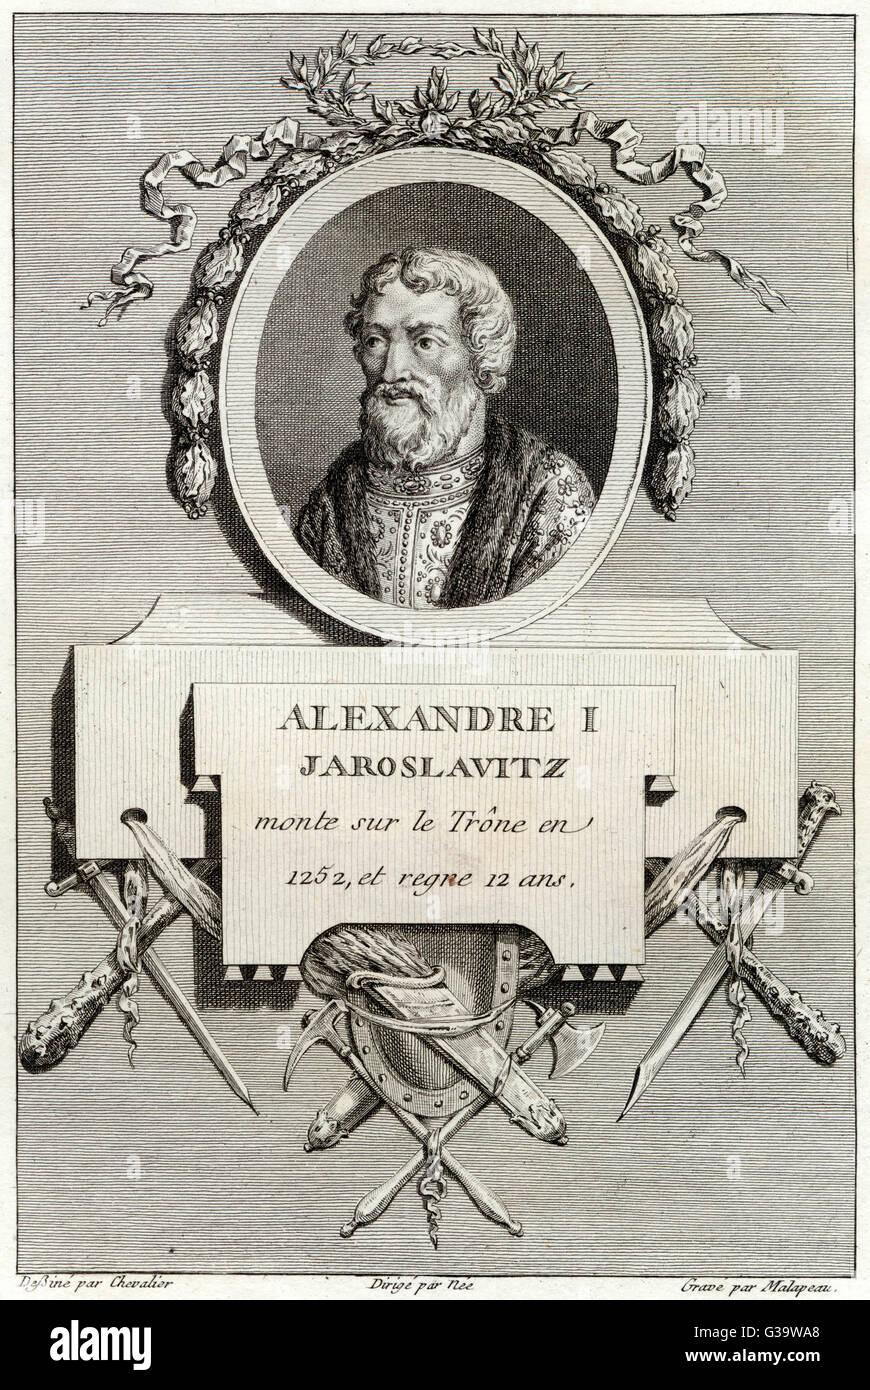 ALEXANDER I YAROSLAVICH, conocido como Alexander Nevsky, príncipe de Novgorod desde 1238. Regla de Vladimir desde 1252 : un héroe nacional que sentó las bases de Rusia Fecha: reinó 1252-1263 Foto de stock